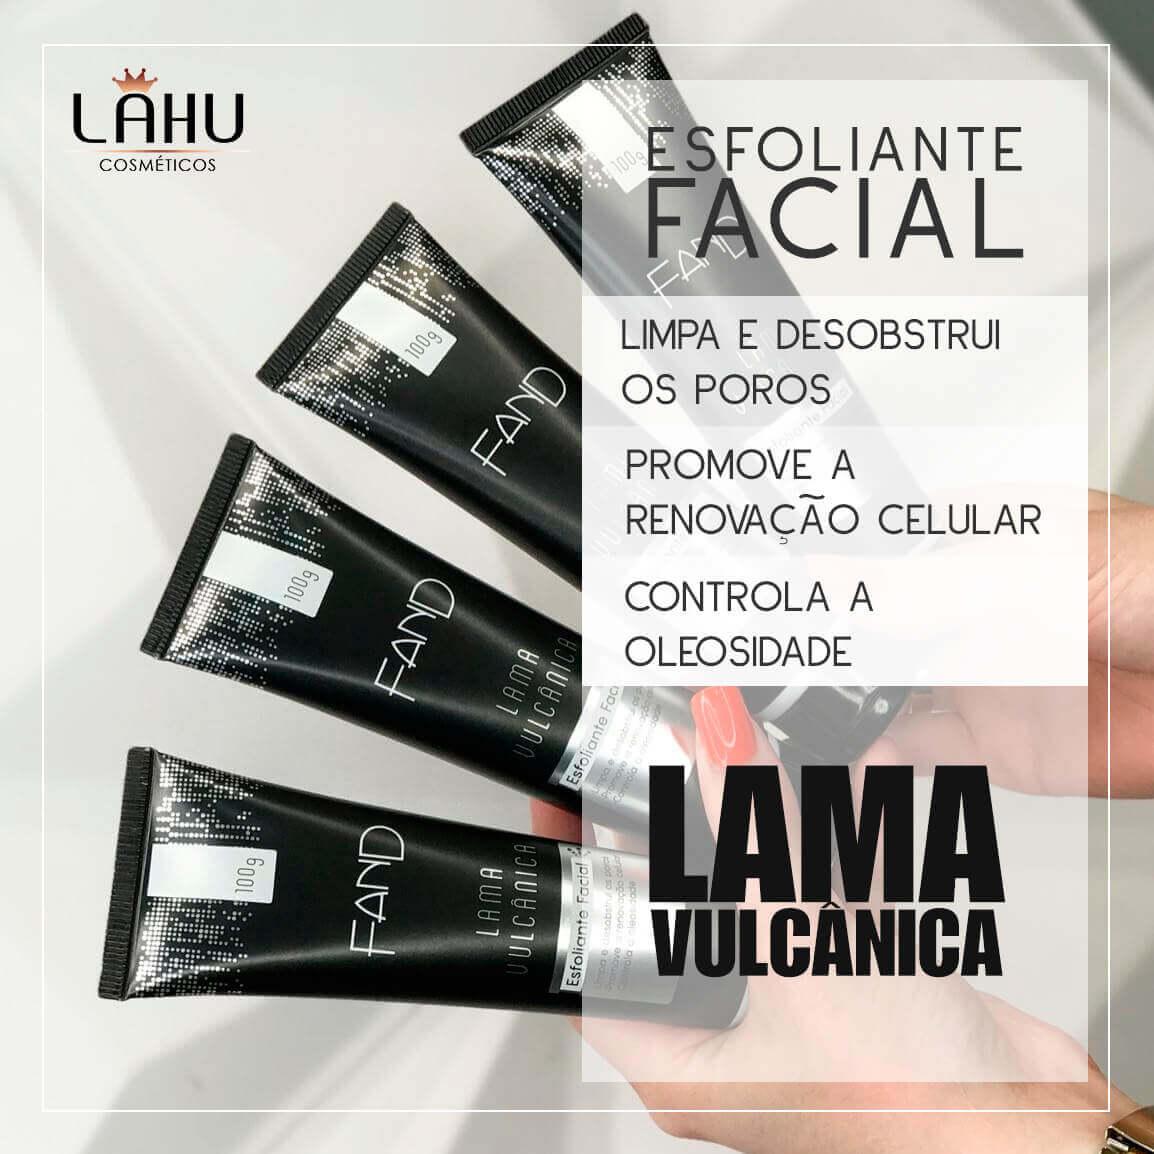 Esfoliante Facial com Lama Vulcânica 100g Fand Makeup